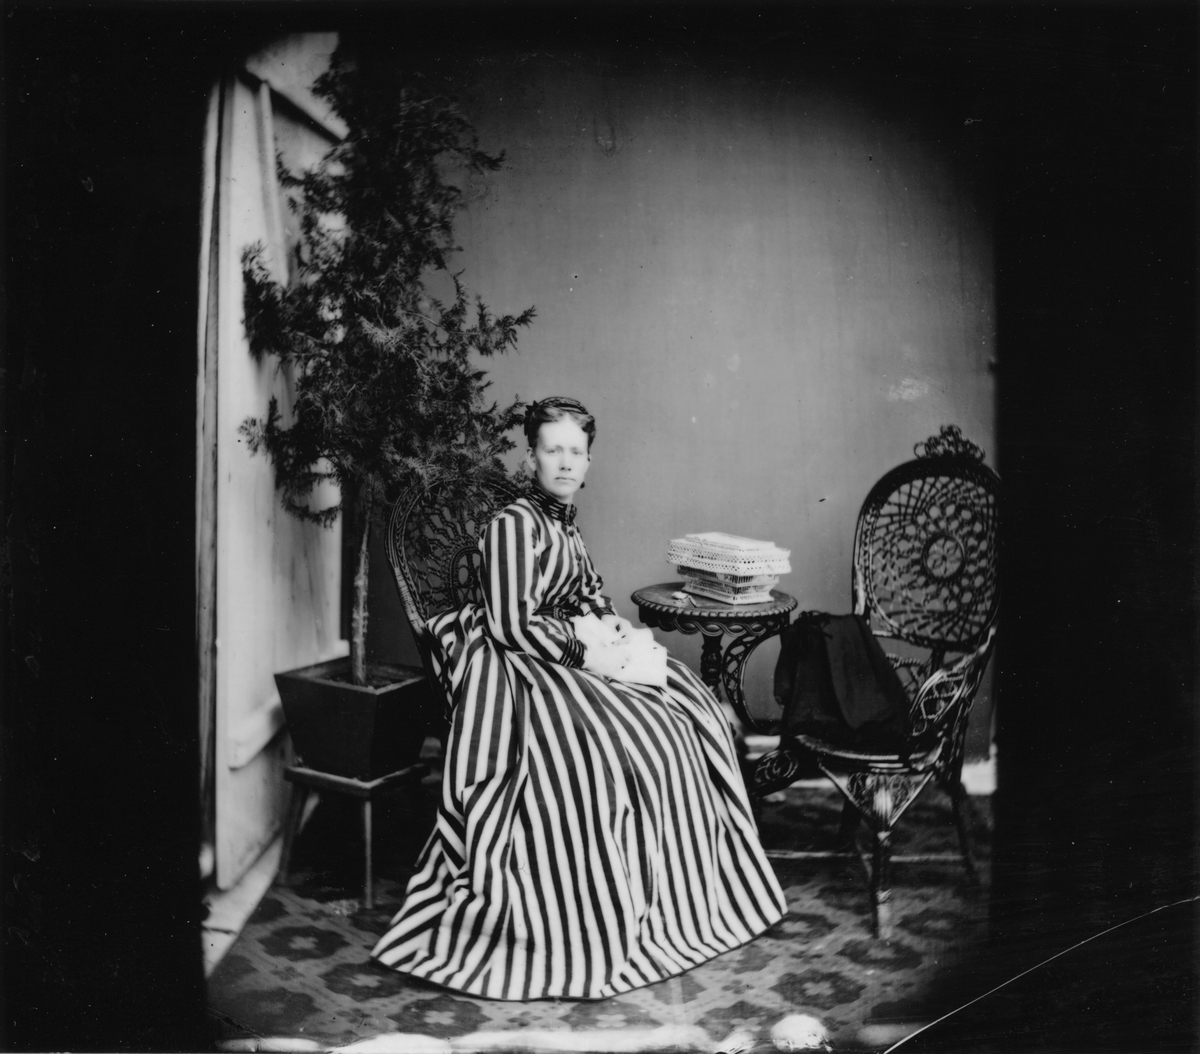 Möjligen bild tagen på fotografen Amanda Gussander. Tagen på 1860-talet. Foto: Amanda Gussander.